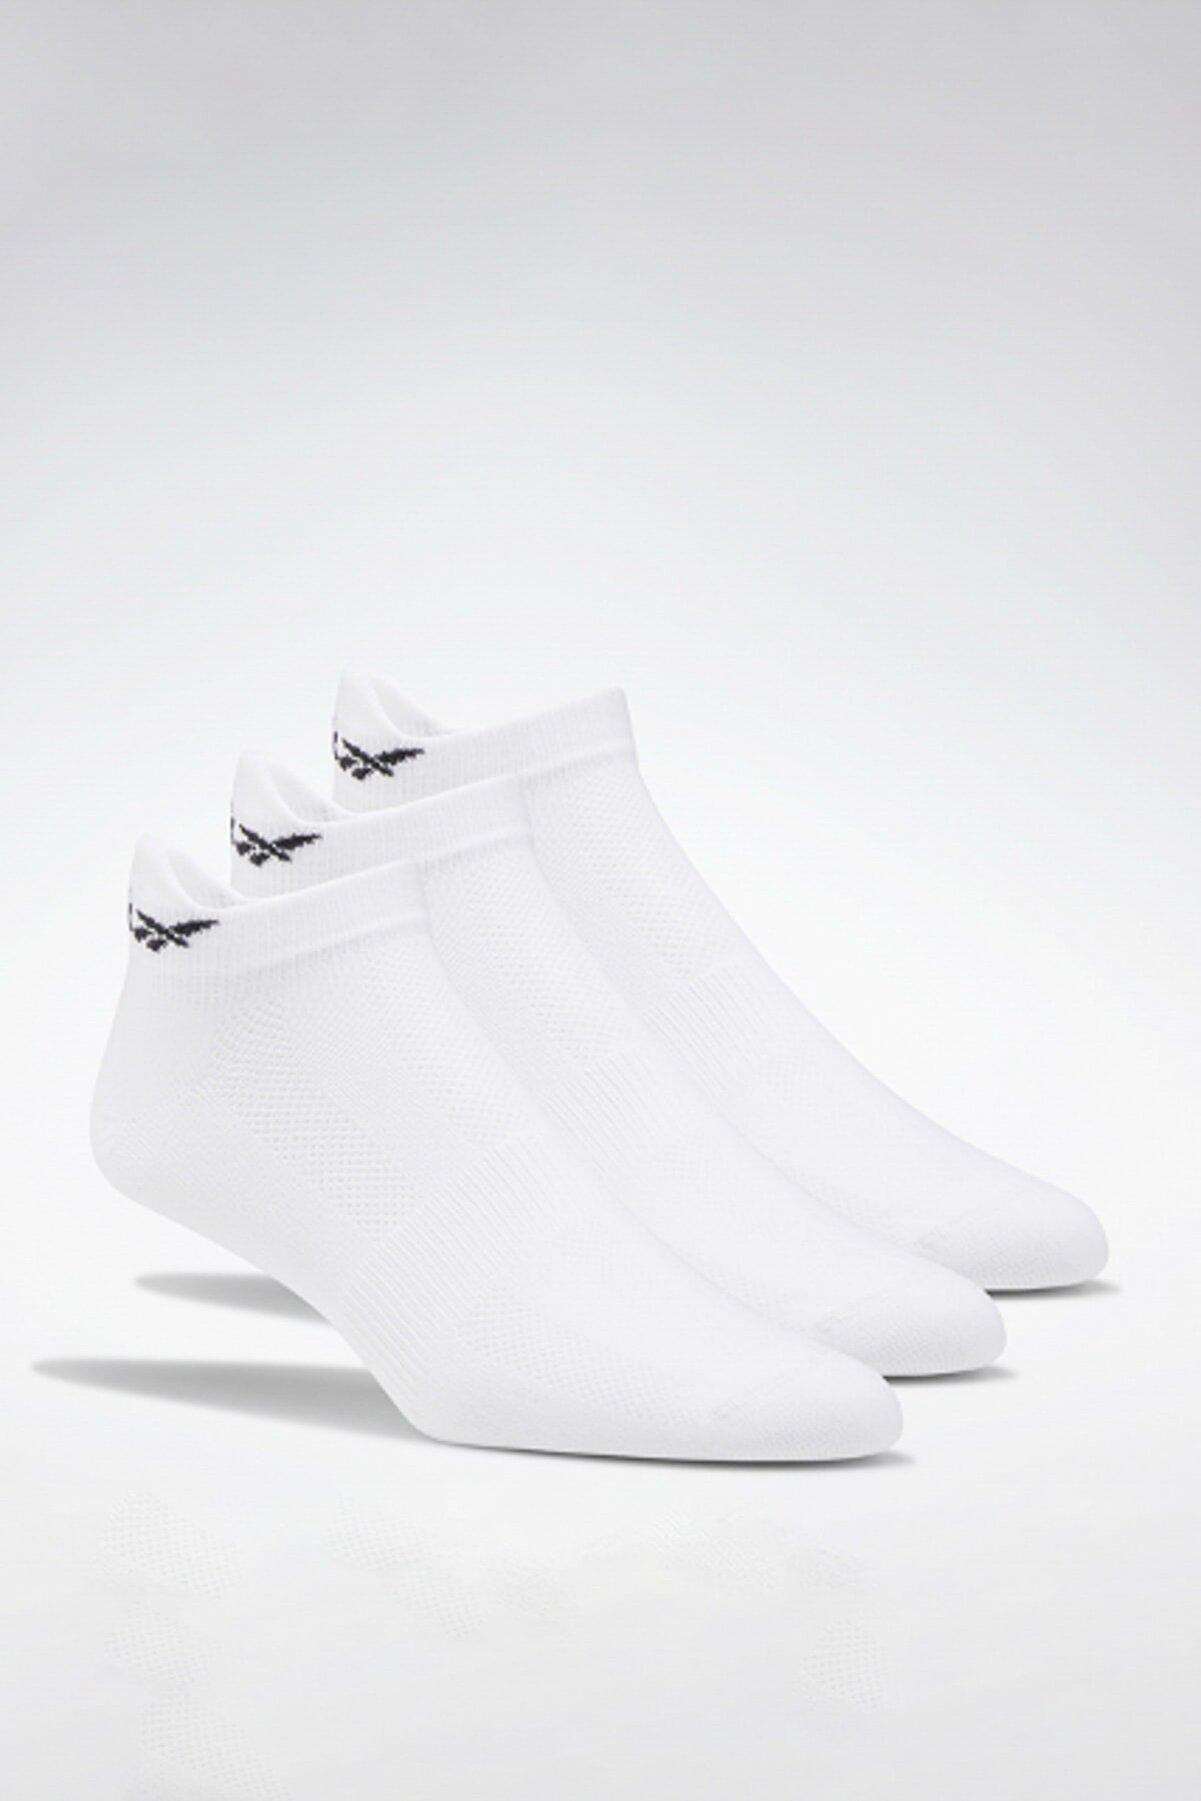 Reebok Kadın One Series Training Çorap - 3'lü Paket - FQ6251